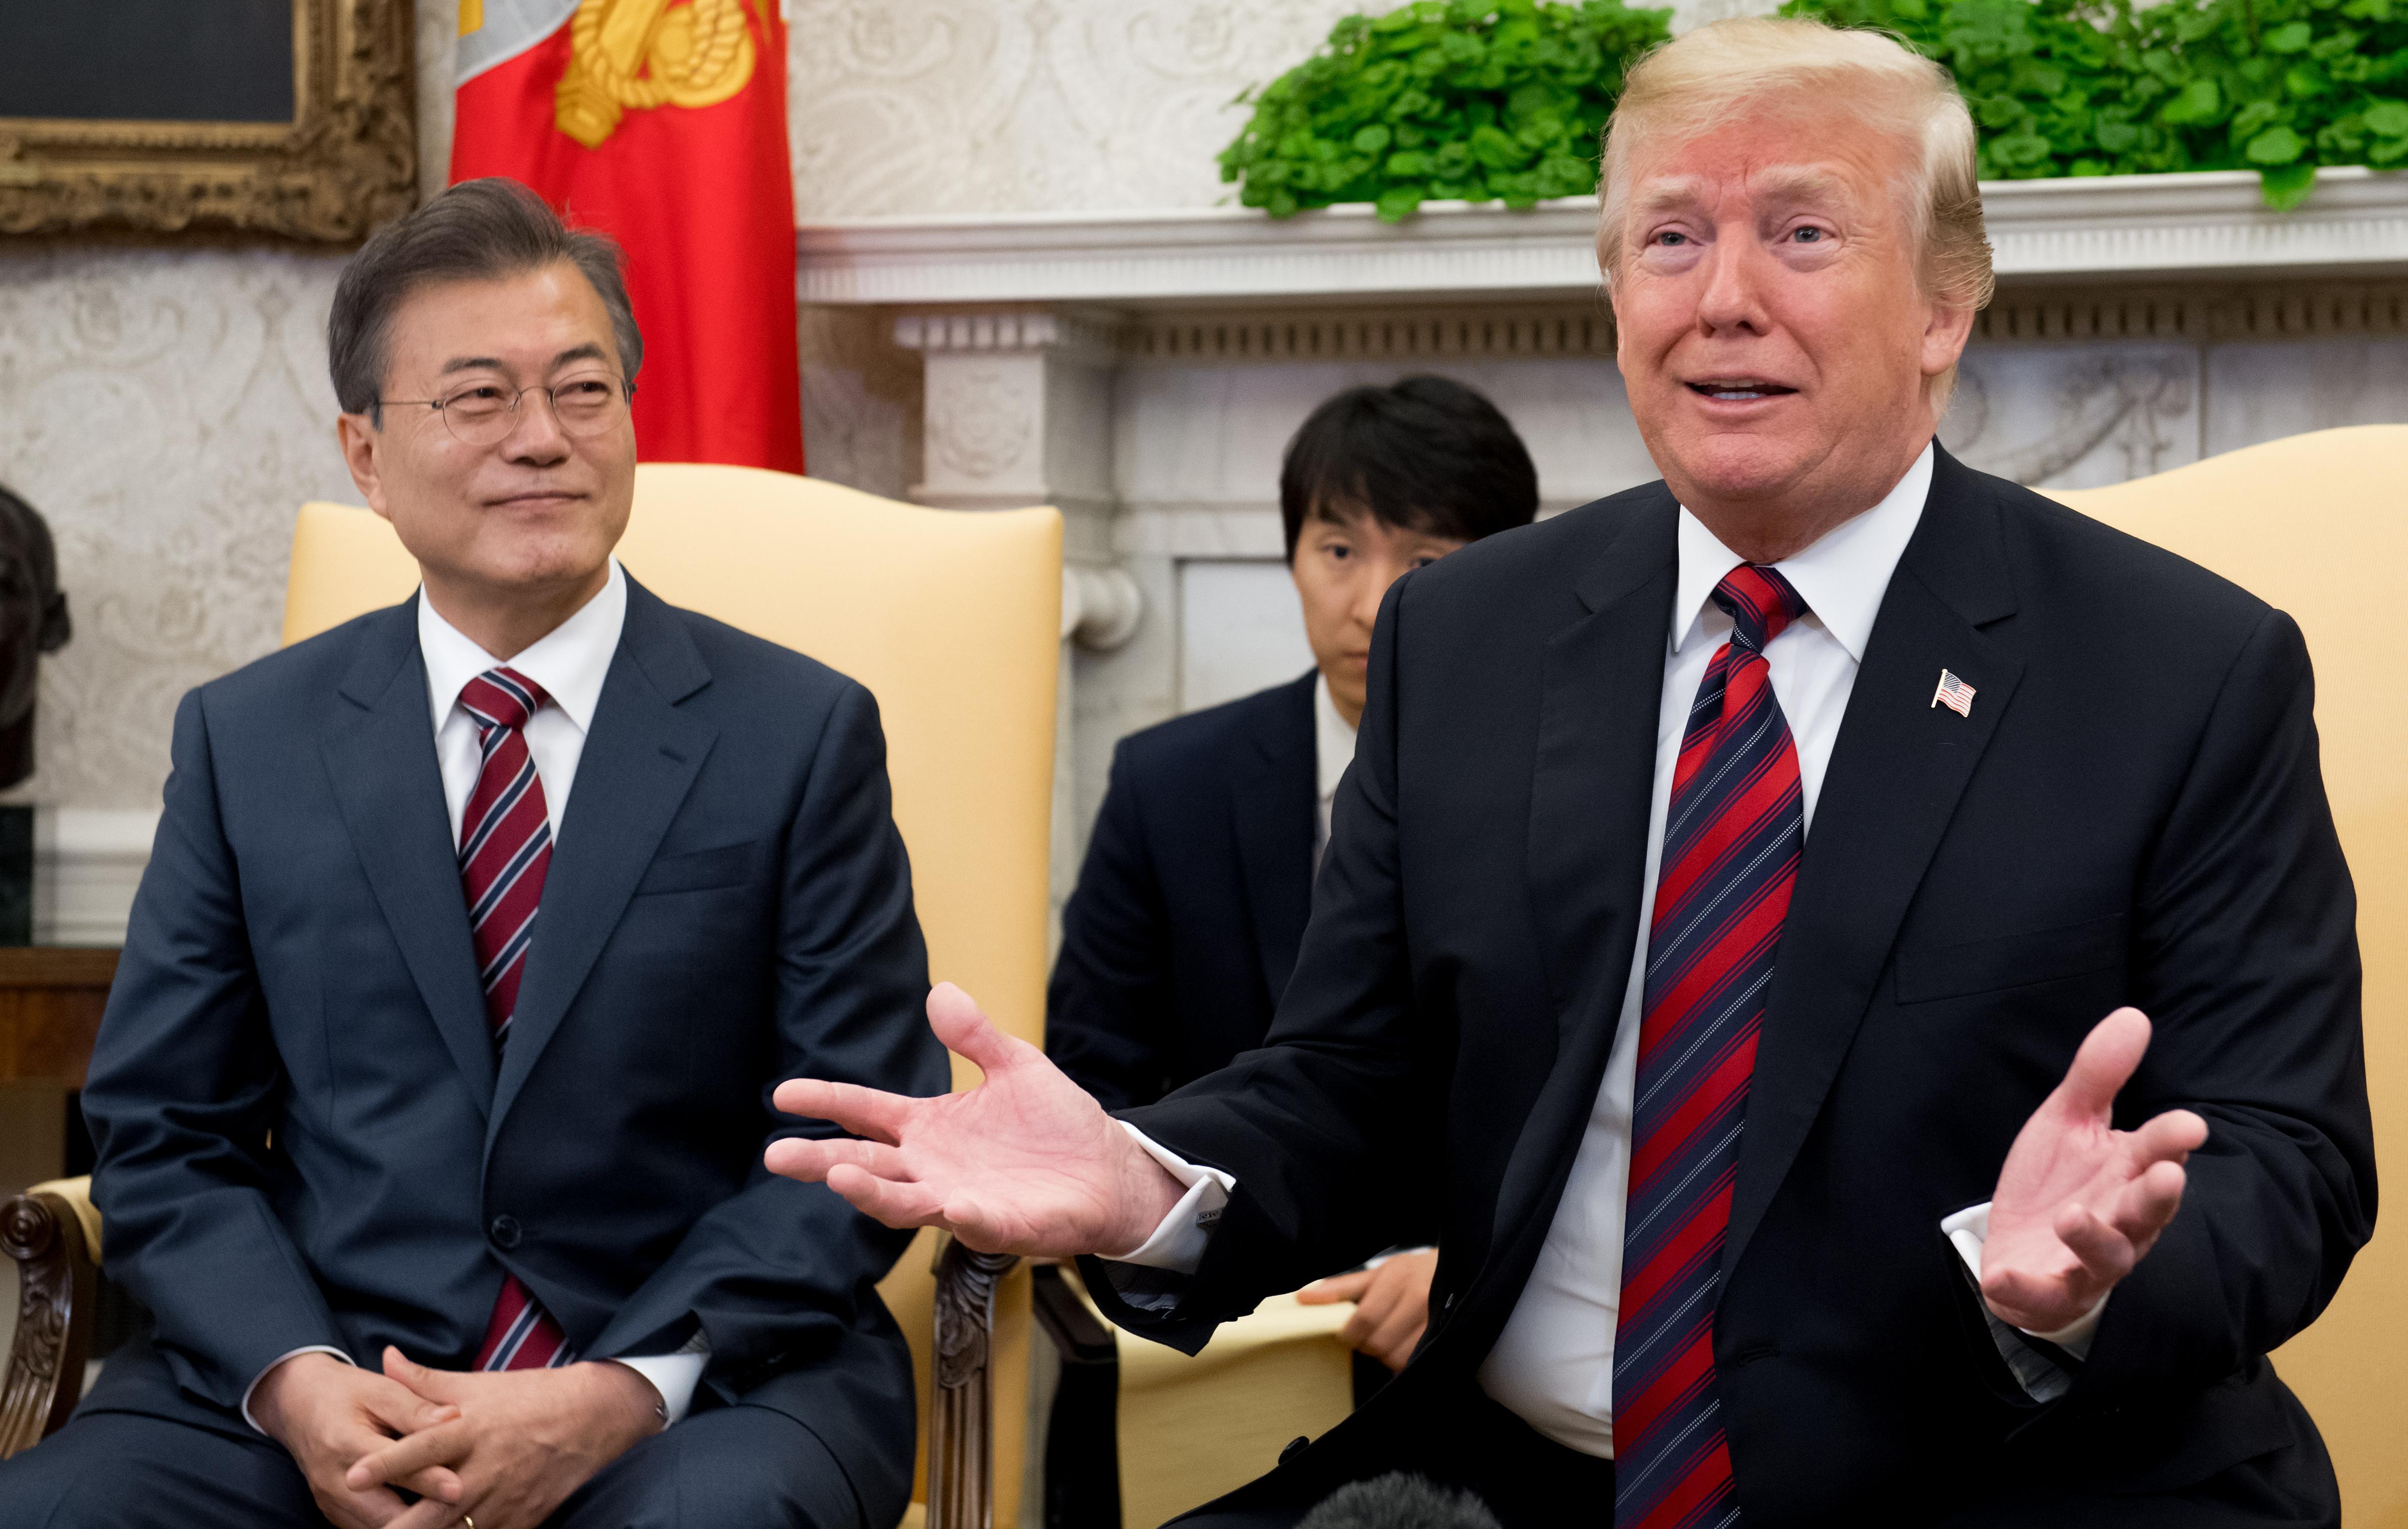 Trump felkészült rá, hogy elhalassza vagy akár le is fújja történelmi találkáját Kim Dzsongunnal